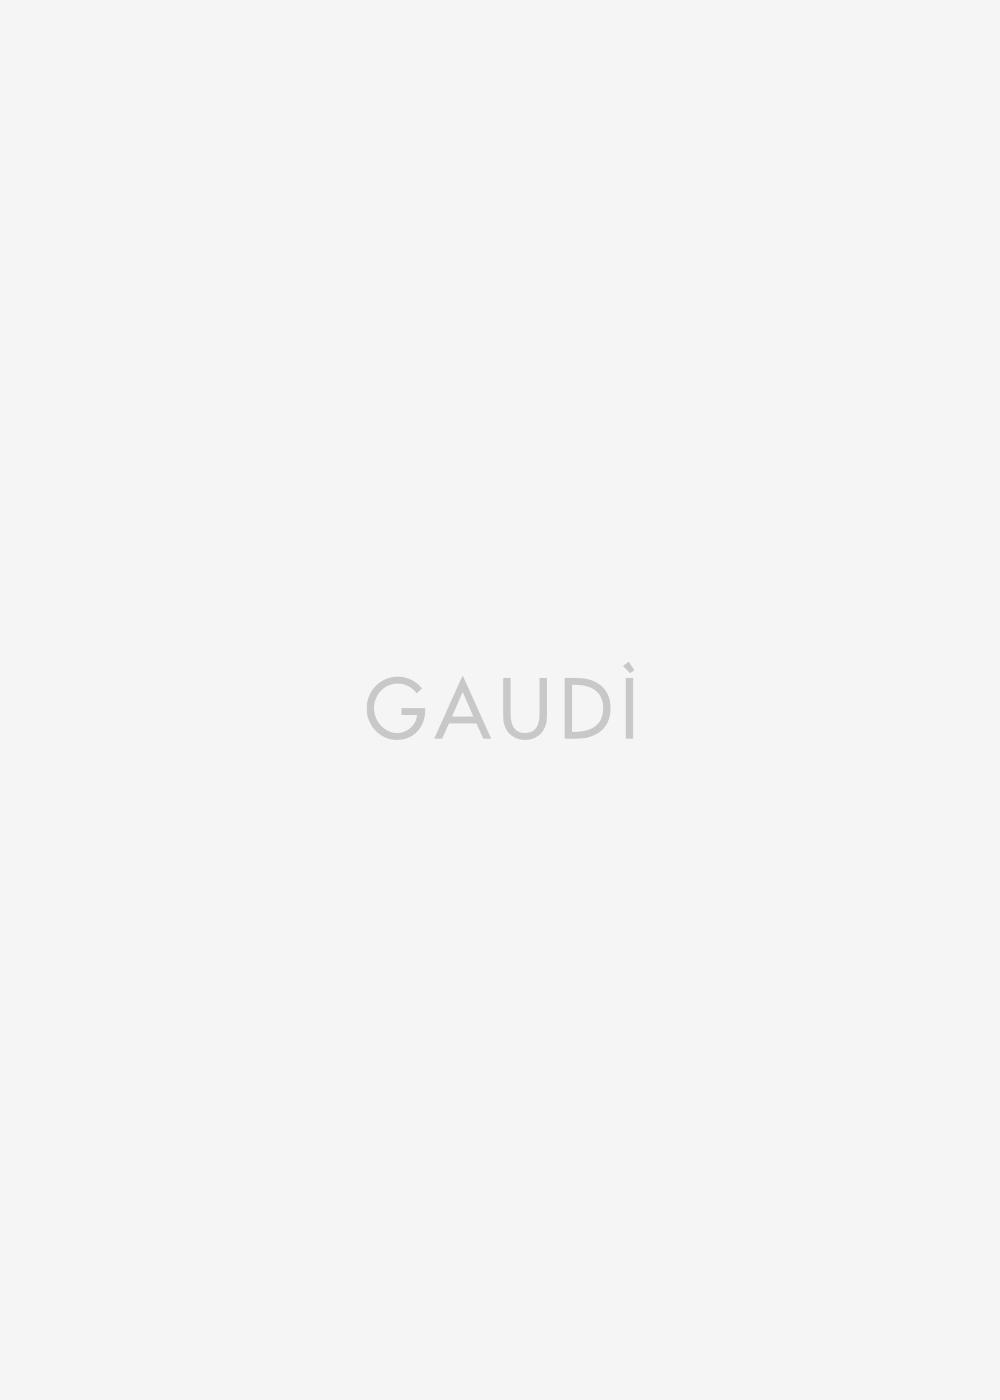 a09f65201a20 Abbigliamento donna online casual ed elegante S S 2019